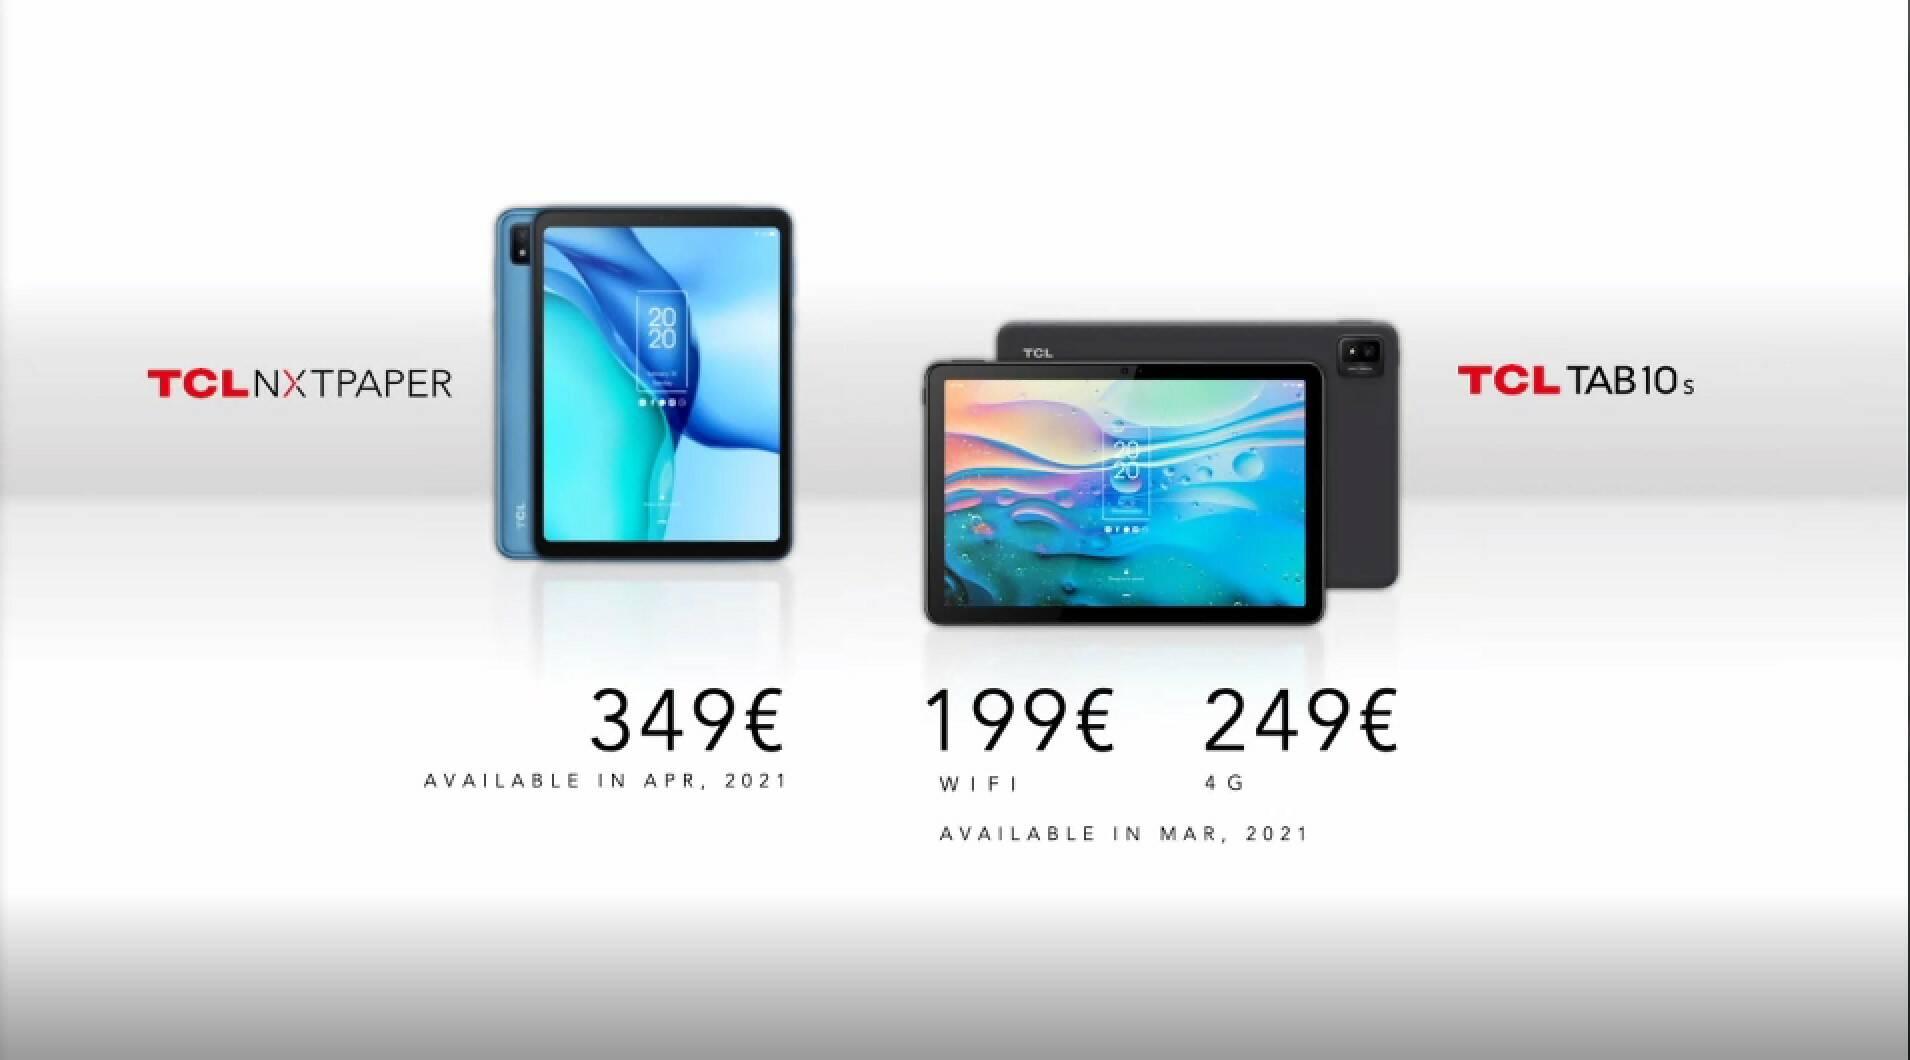 TCL tablet CES 2021